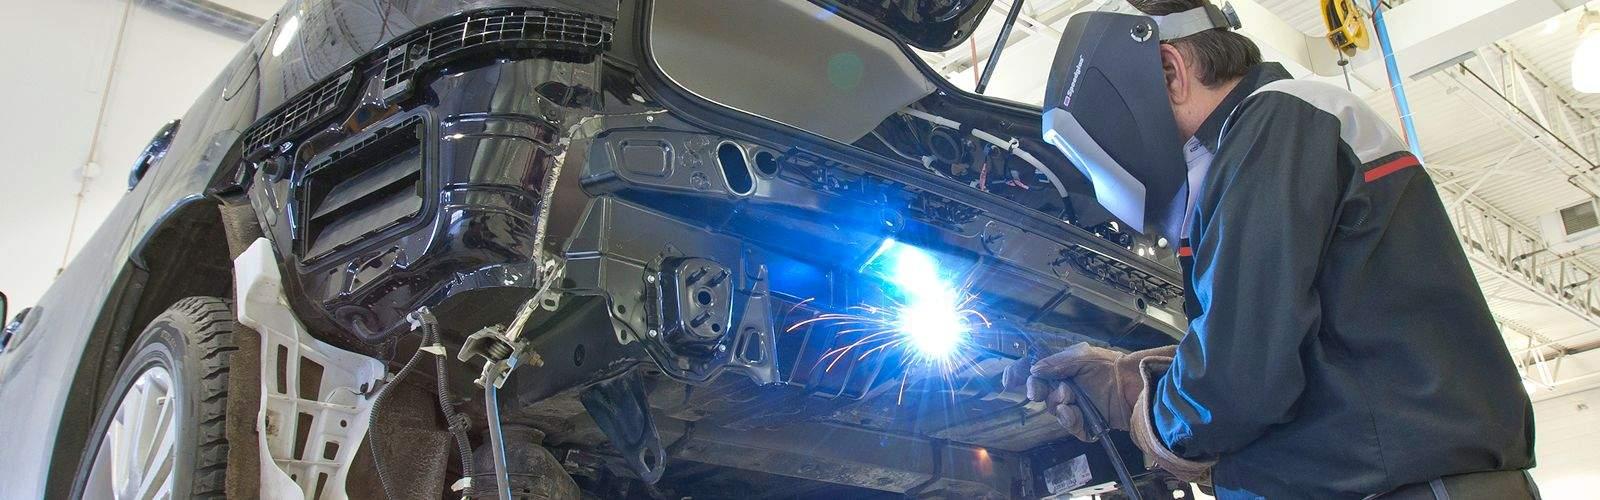 collision-and-auto-body-repair-collision-centre